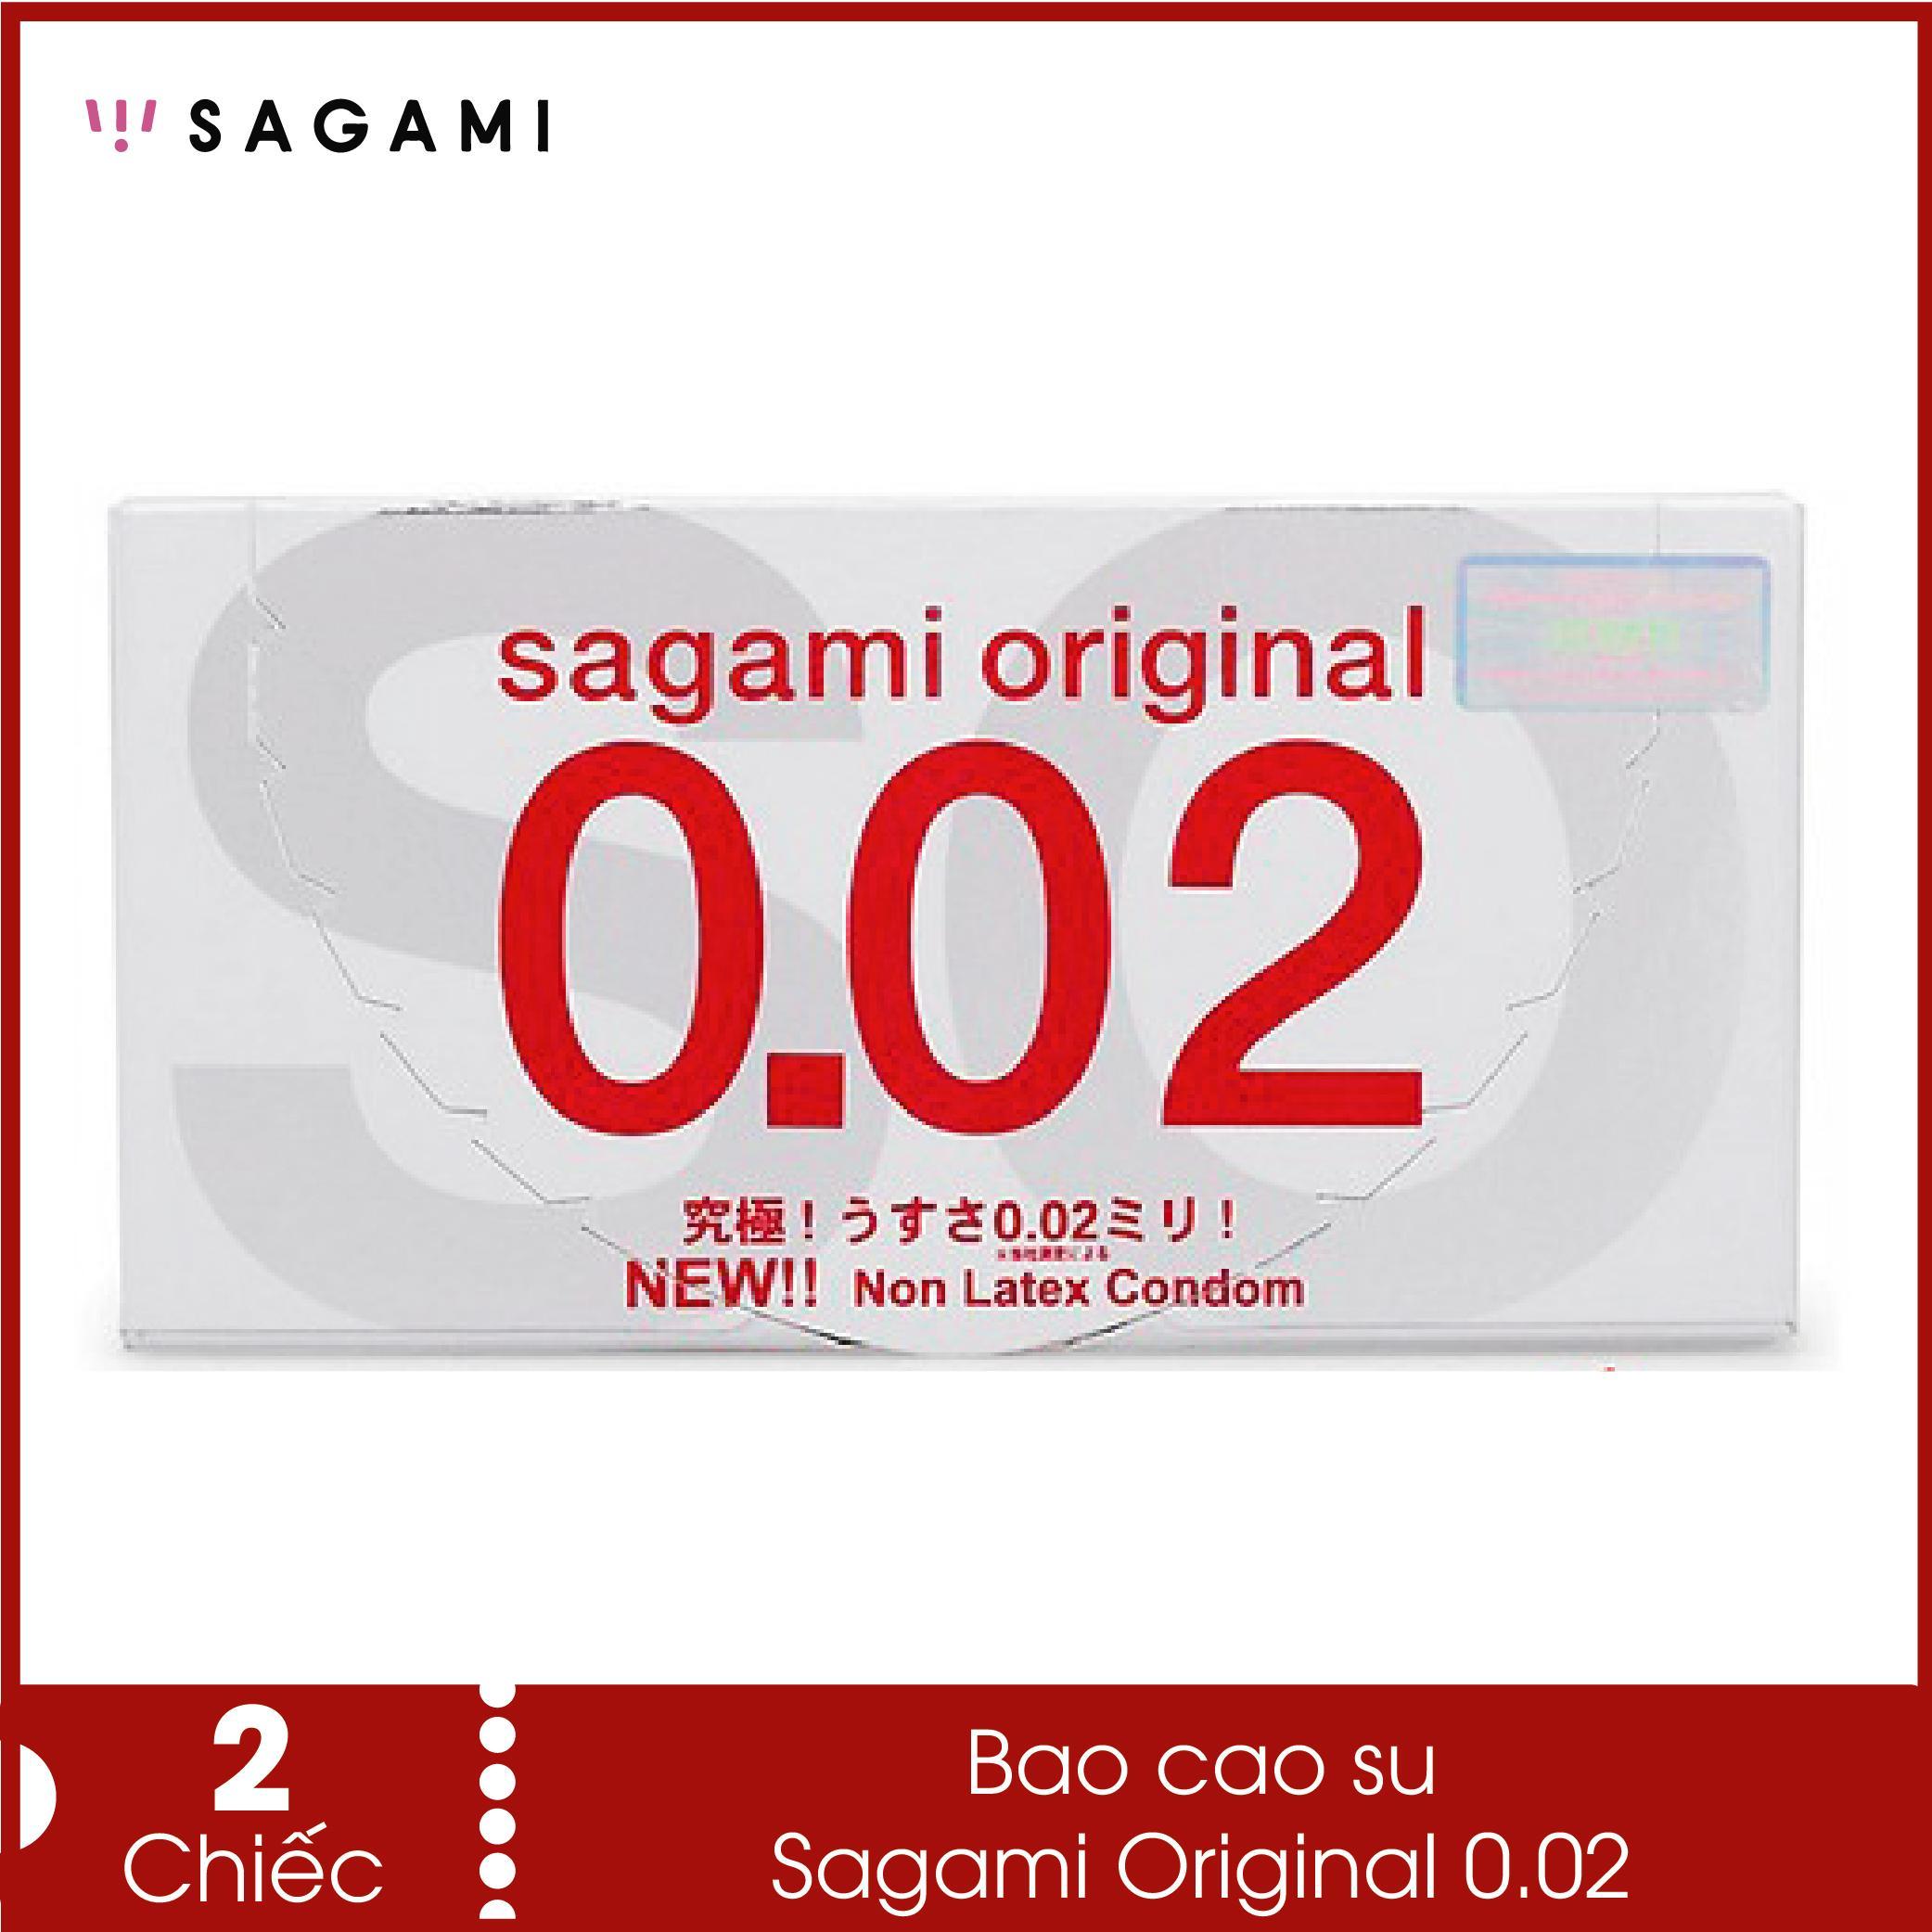 Bao cao su siêu mỏng Sagami Original 0.02 - Siêu mỏng ,siêu dai, siêu chịu lực nhập khẩu